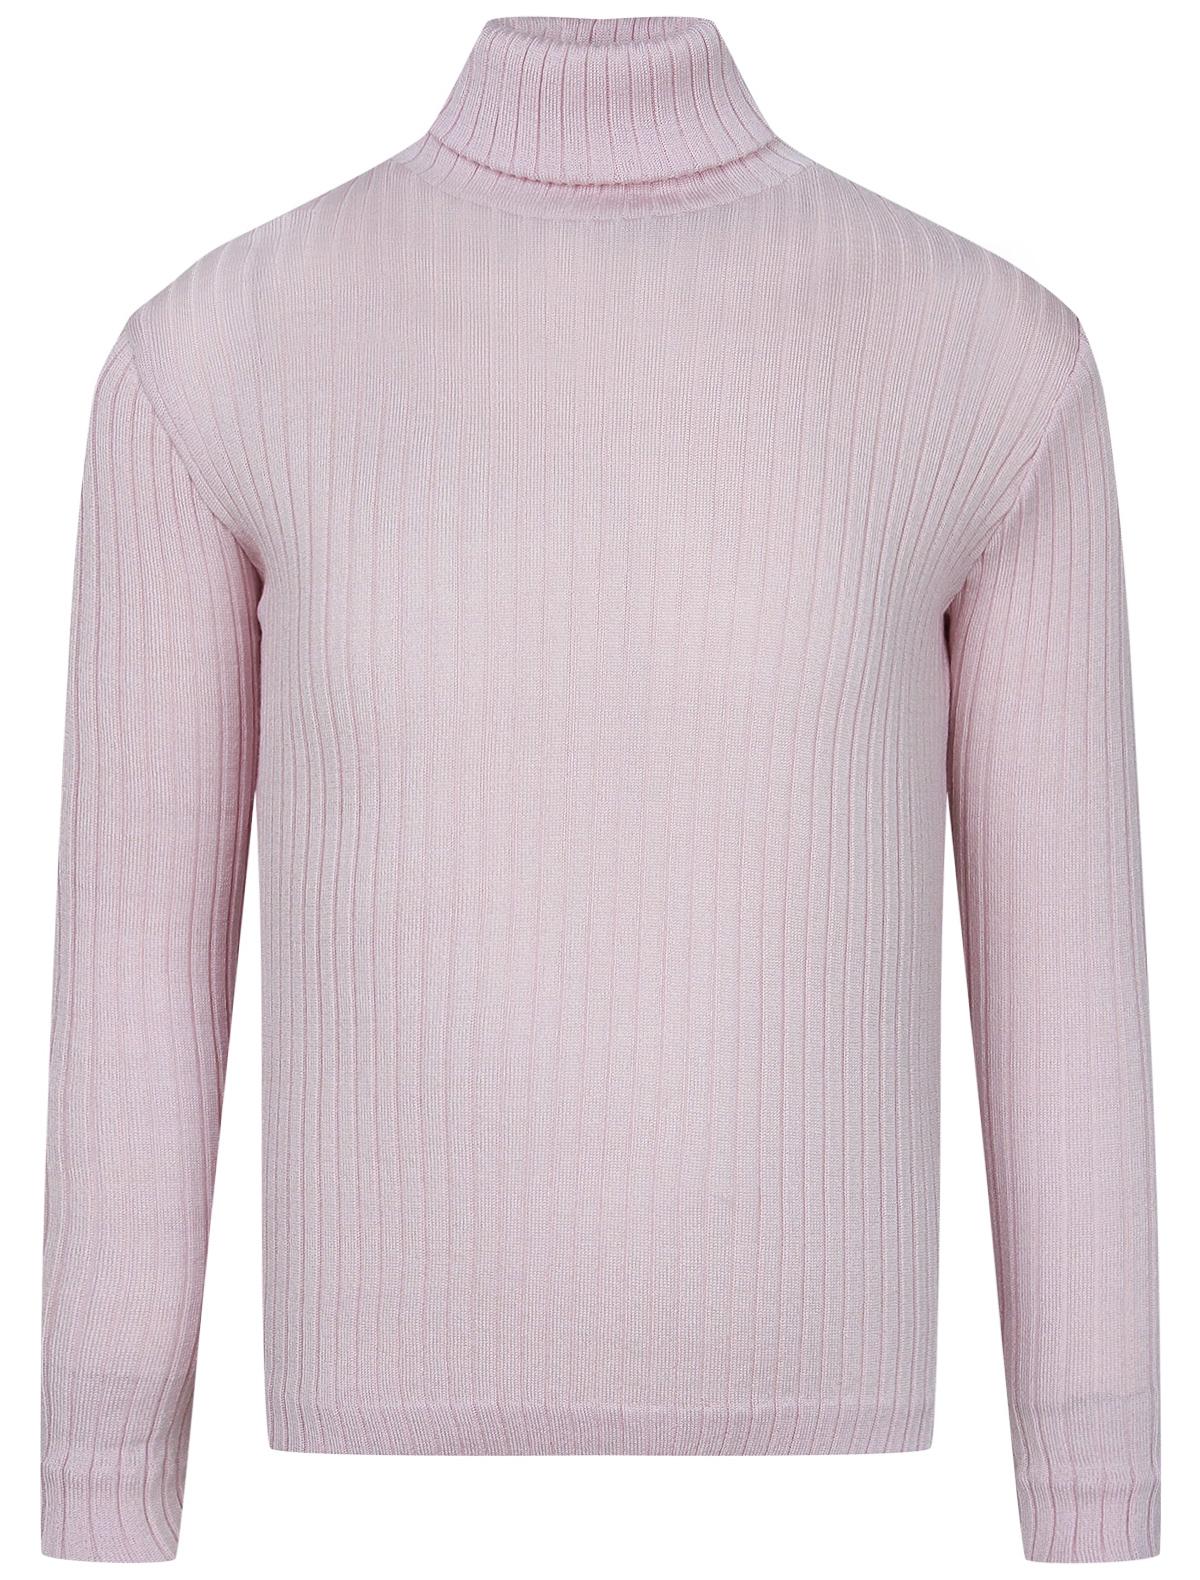 2252958, Водолазка NAUMI, розовый, Женский, 1114509980233  - купить со скидкой